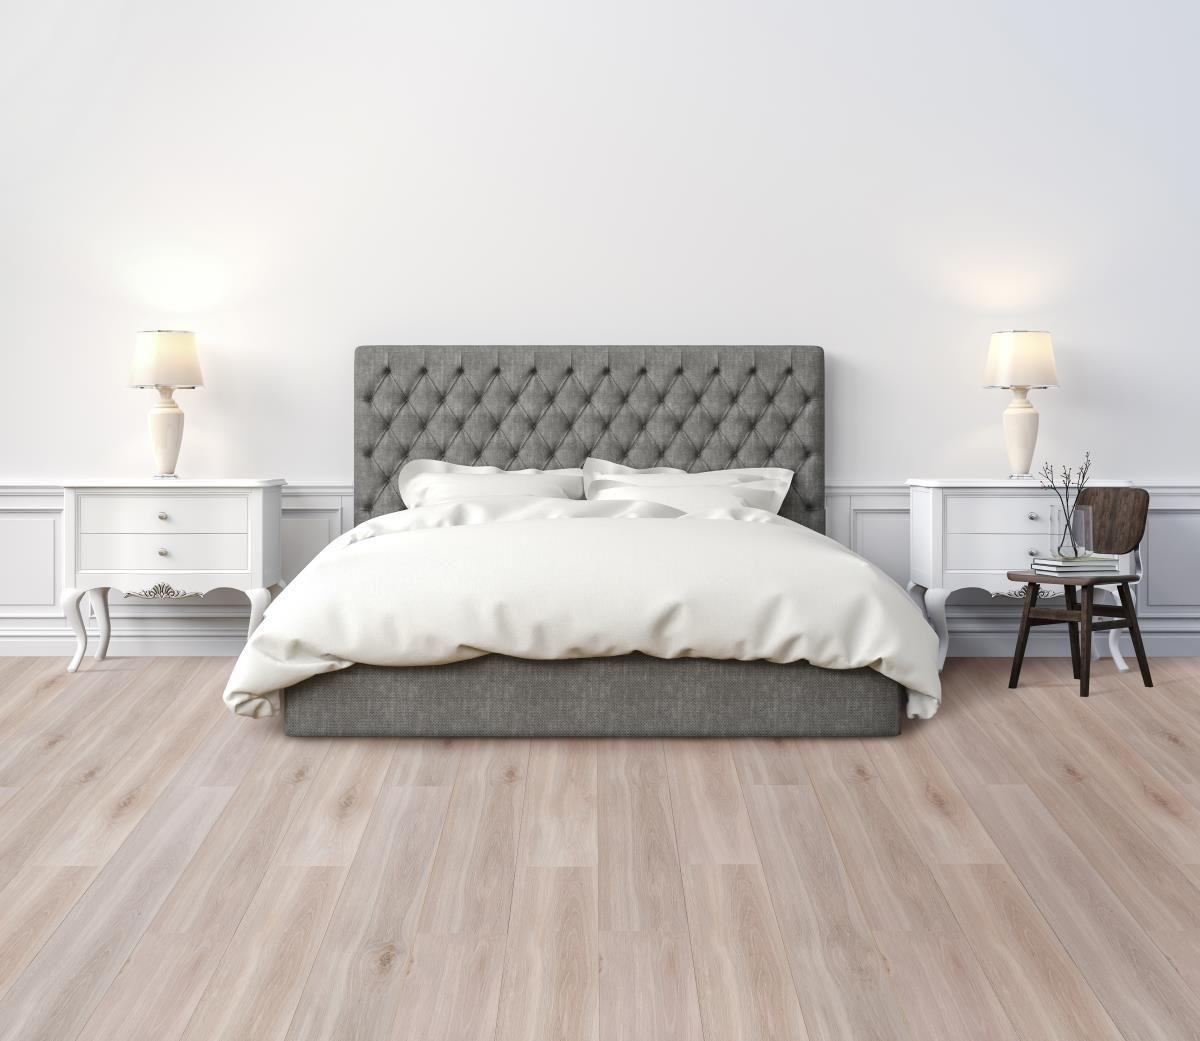 laminaat slaapkamer, houten vloer slaapkamer, laminaat vloer, vloer ...